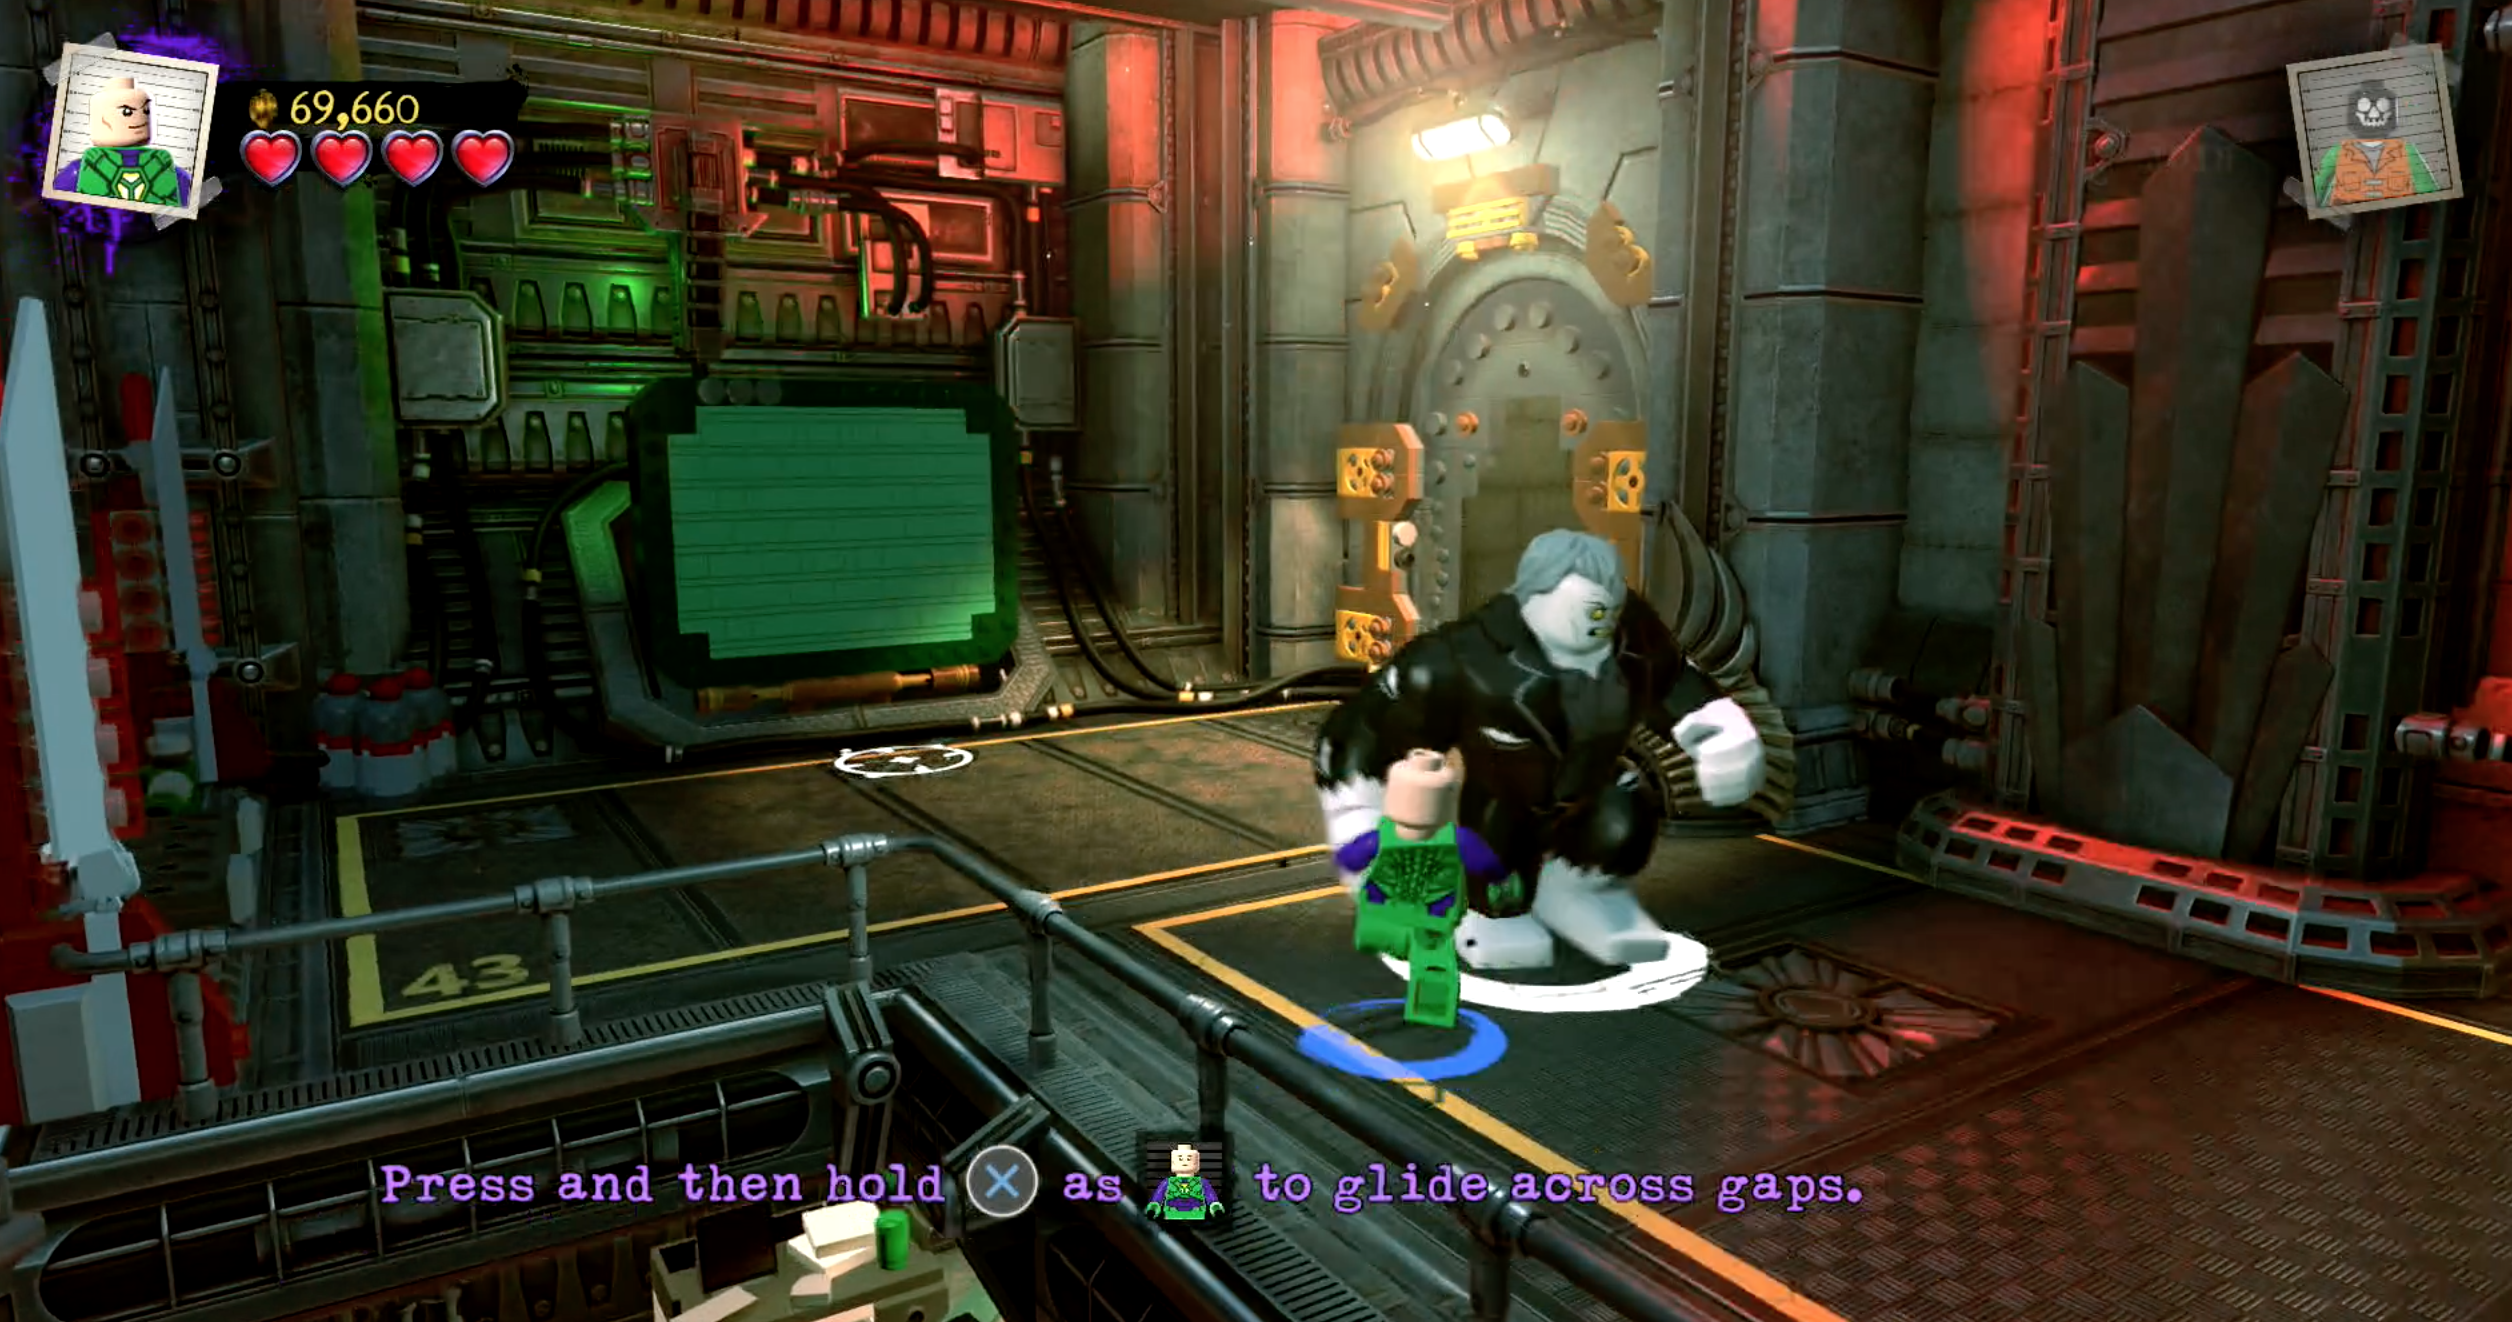 eaf26be133a1d A nossa criação começou o jogo a fugir de uma prisão de Metropolis ao lado  de Lex Luthor. No entanto, durante a fuga, descobrimos que tem a habilidade  de ...